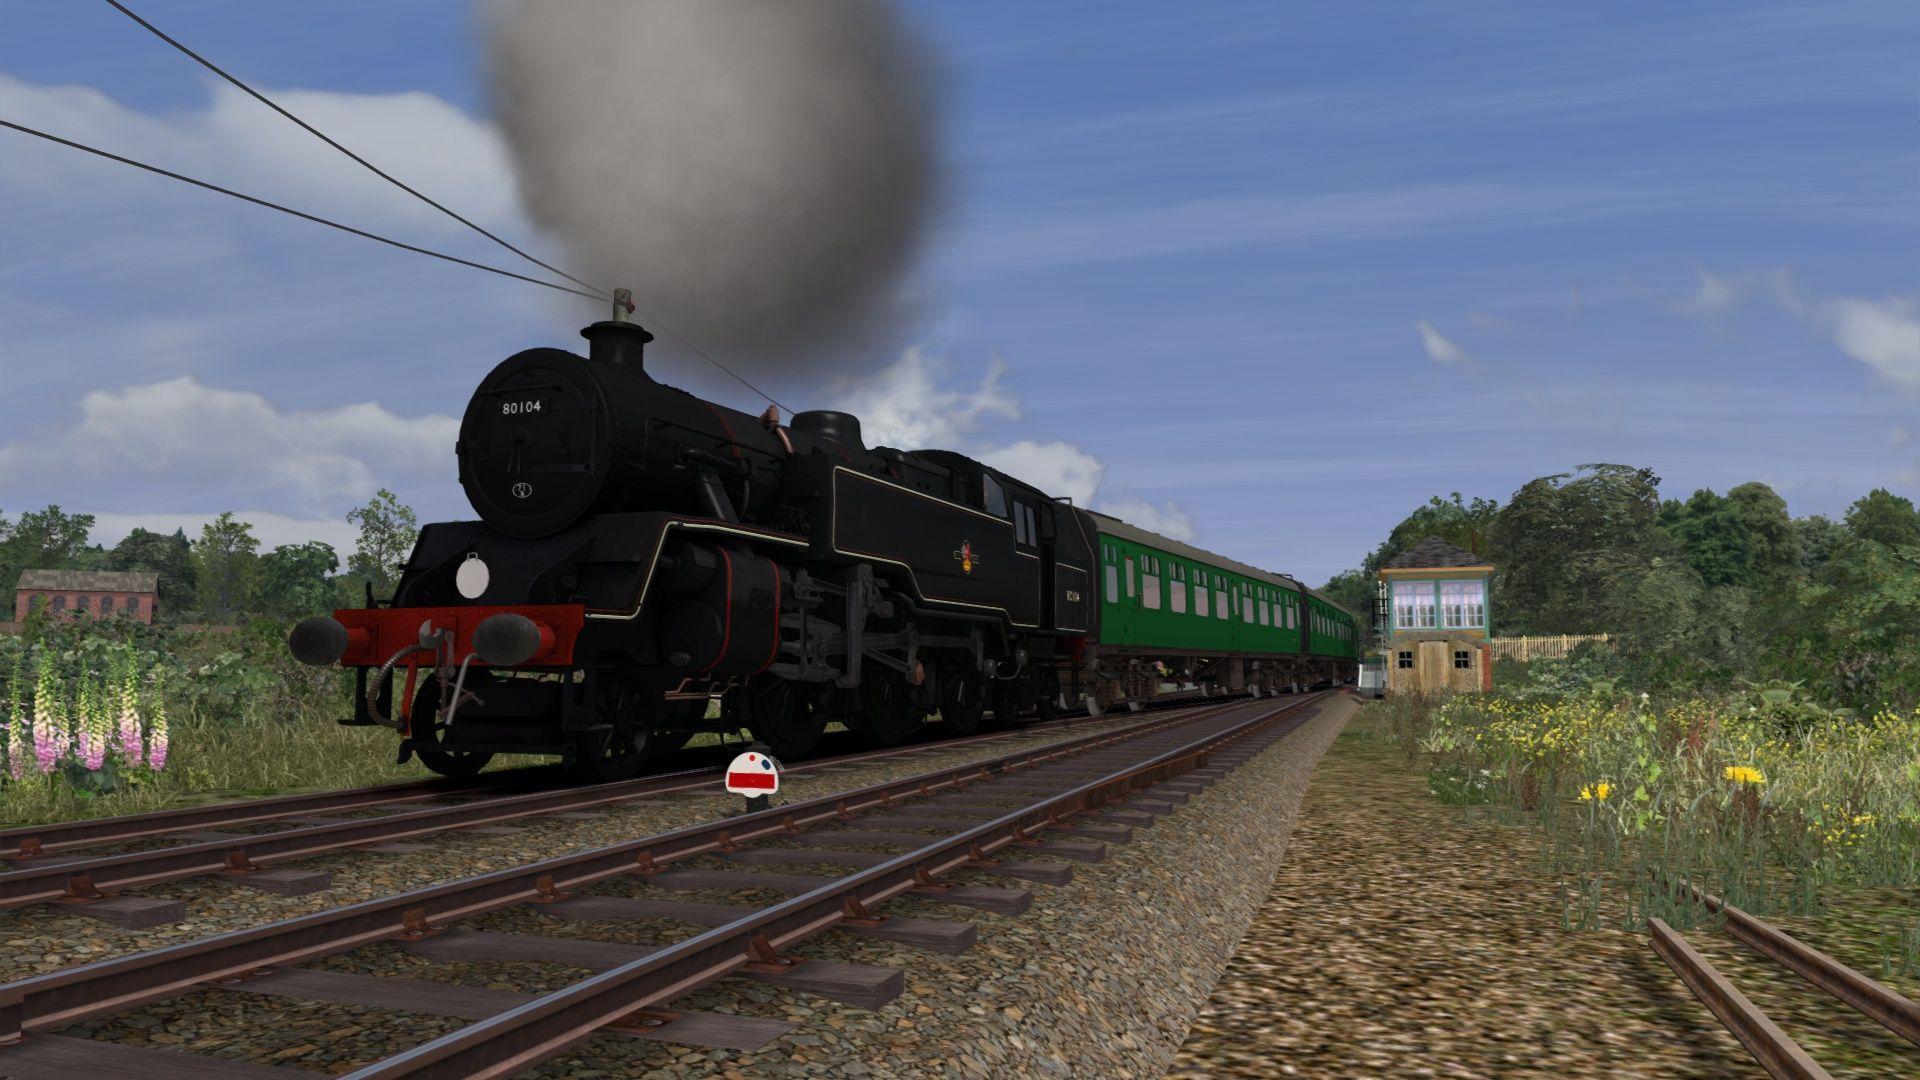 Screenshot_Swanage Railway_50.61994--2.02891_16-13-24